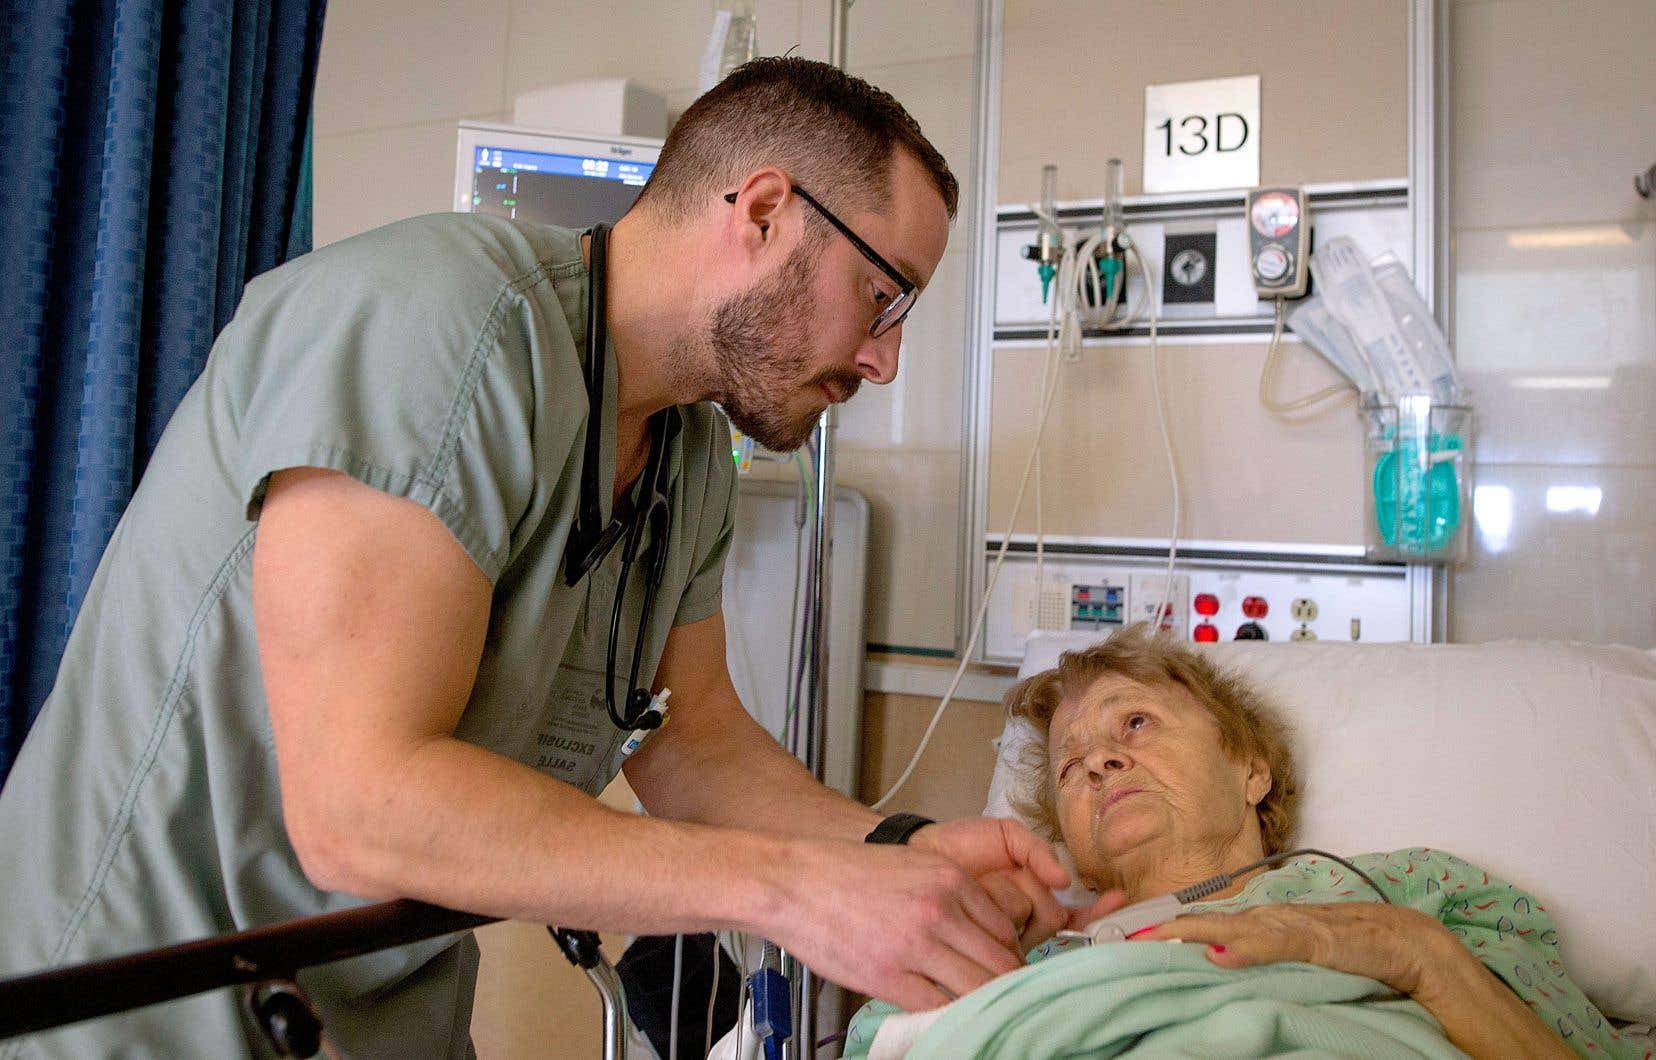 Le DrPascal Gagner se fait un point d'honneur d'adopter une «approche empathique» avec ses patients de l'hôpital Santa Cabrini ainsi qu'avec leur famille.